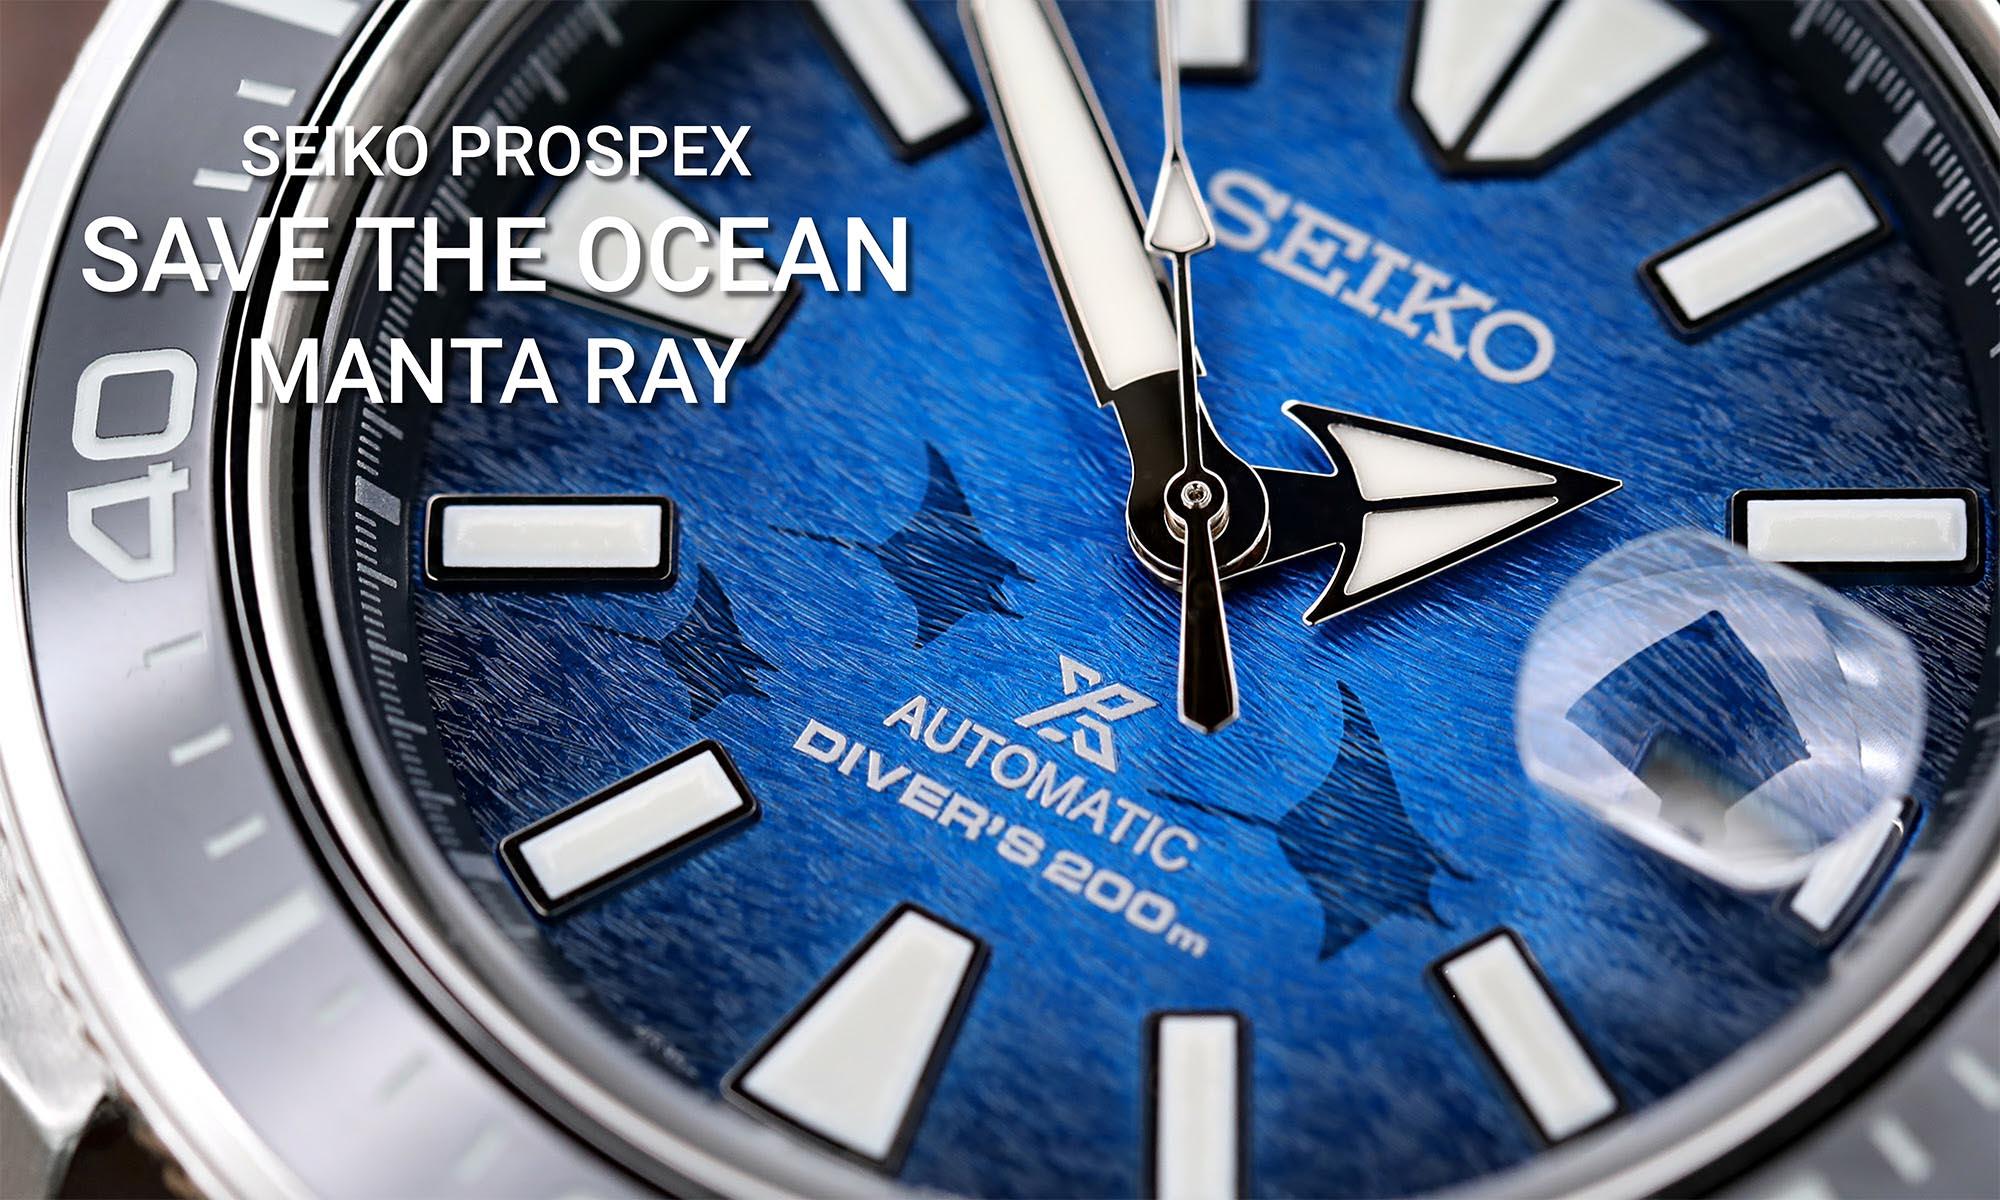 Save The Ocean Manta Ray